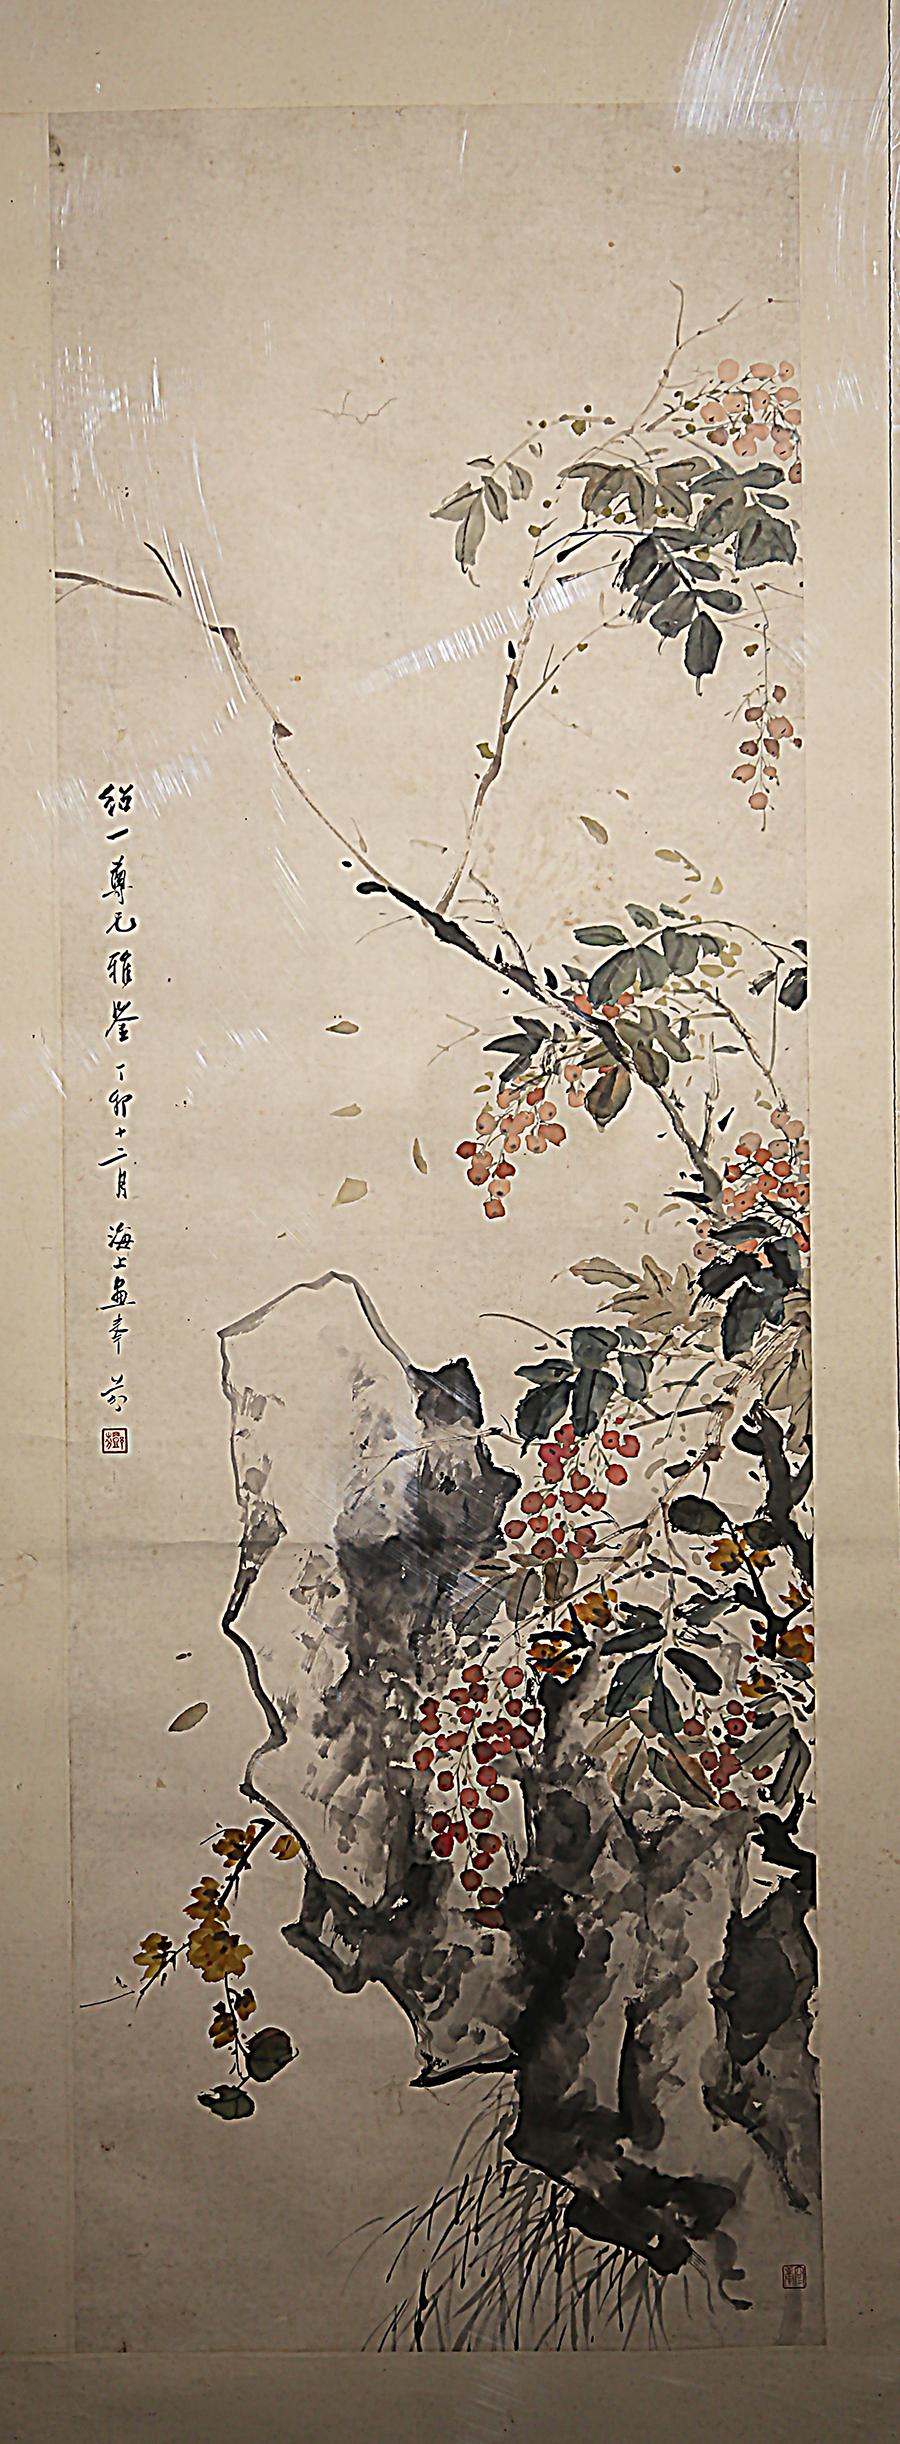 邓芬《天竺腊梅图》中国画 1927年 广州艺术博物院藏